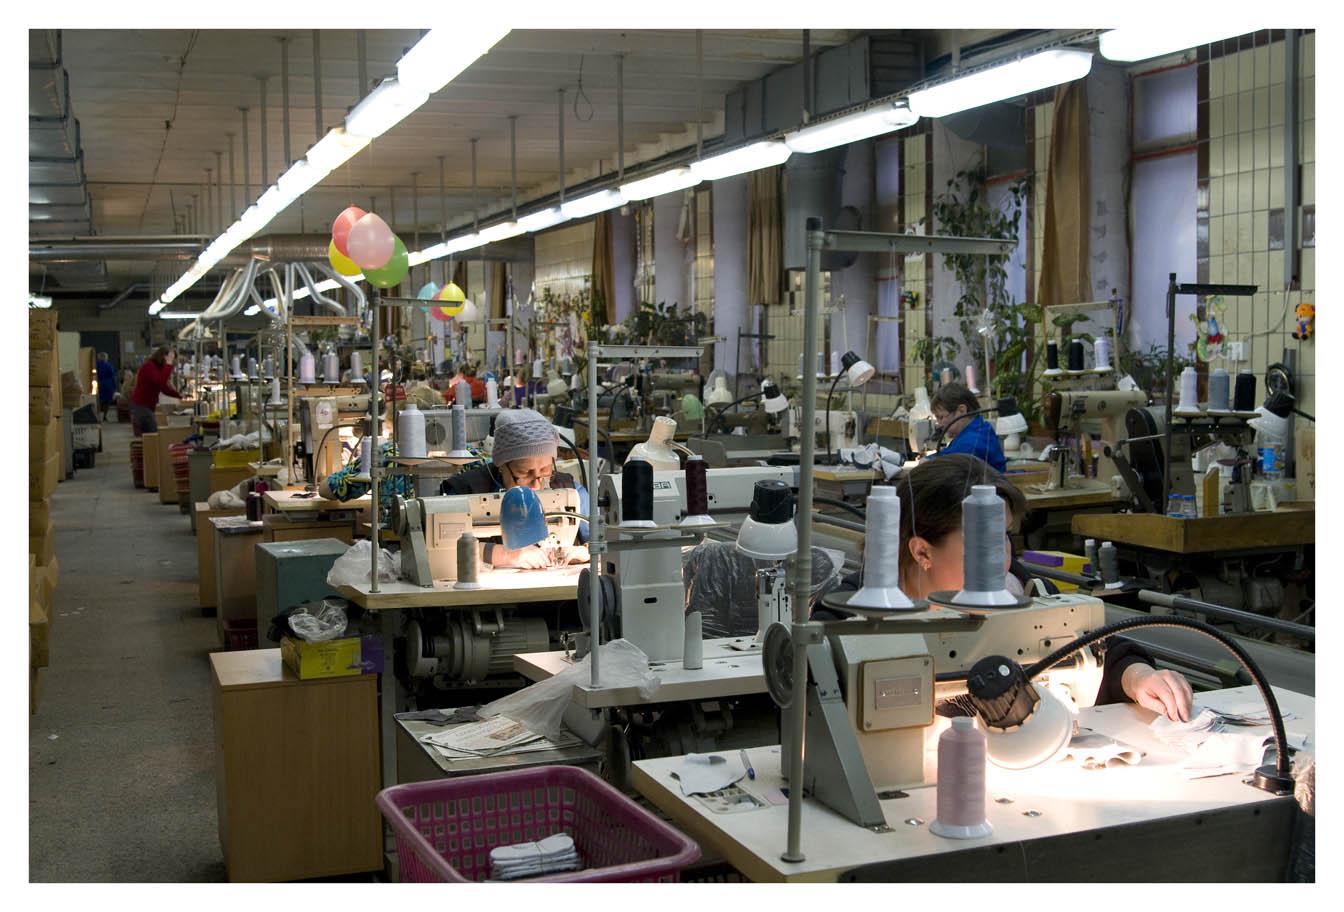 9987b2048 На протяжении всей истории фабрики «СКОРОХОД» огромная часть выпуска обуви  приходилось именно на производство детской обуви.